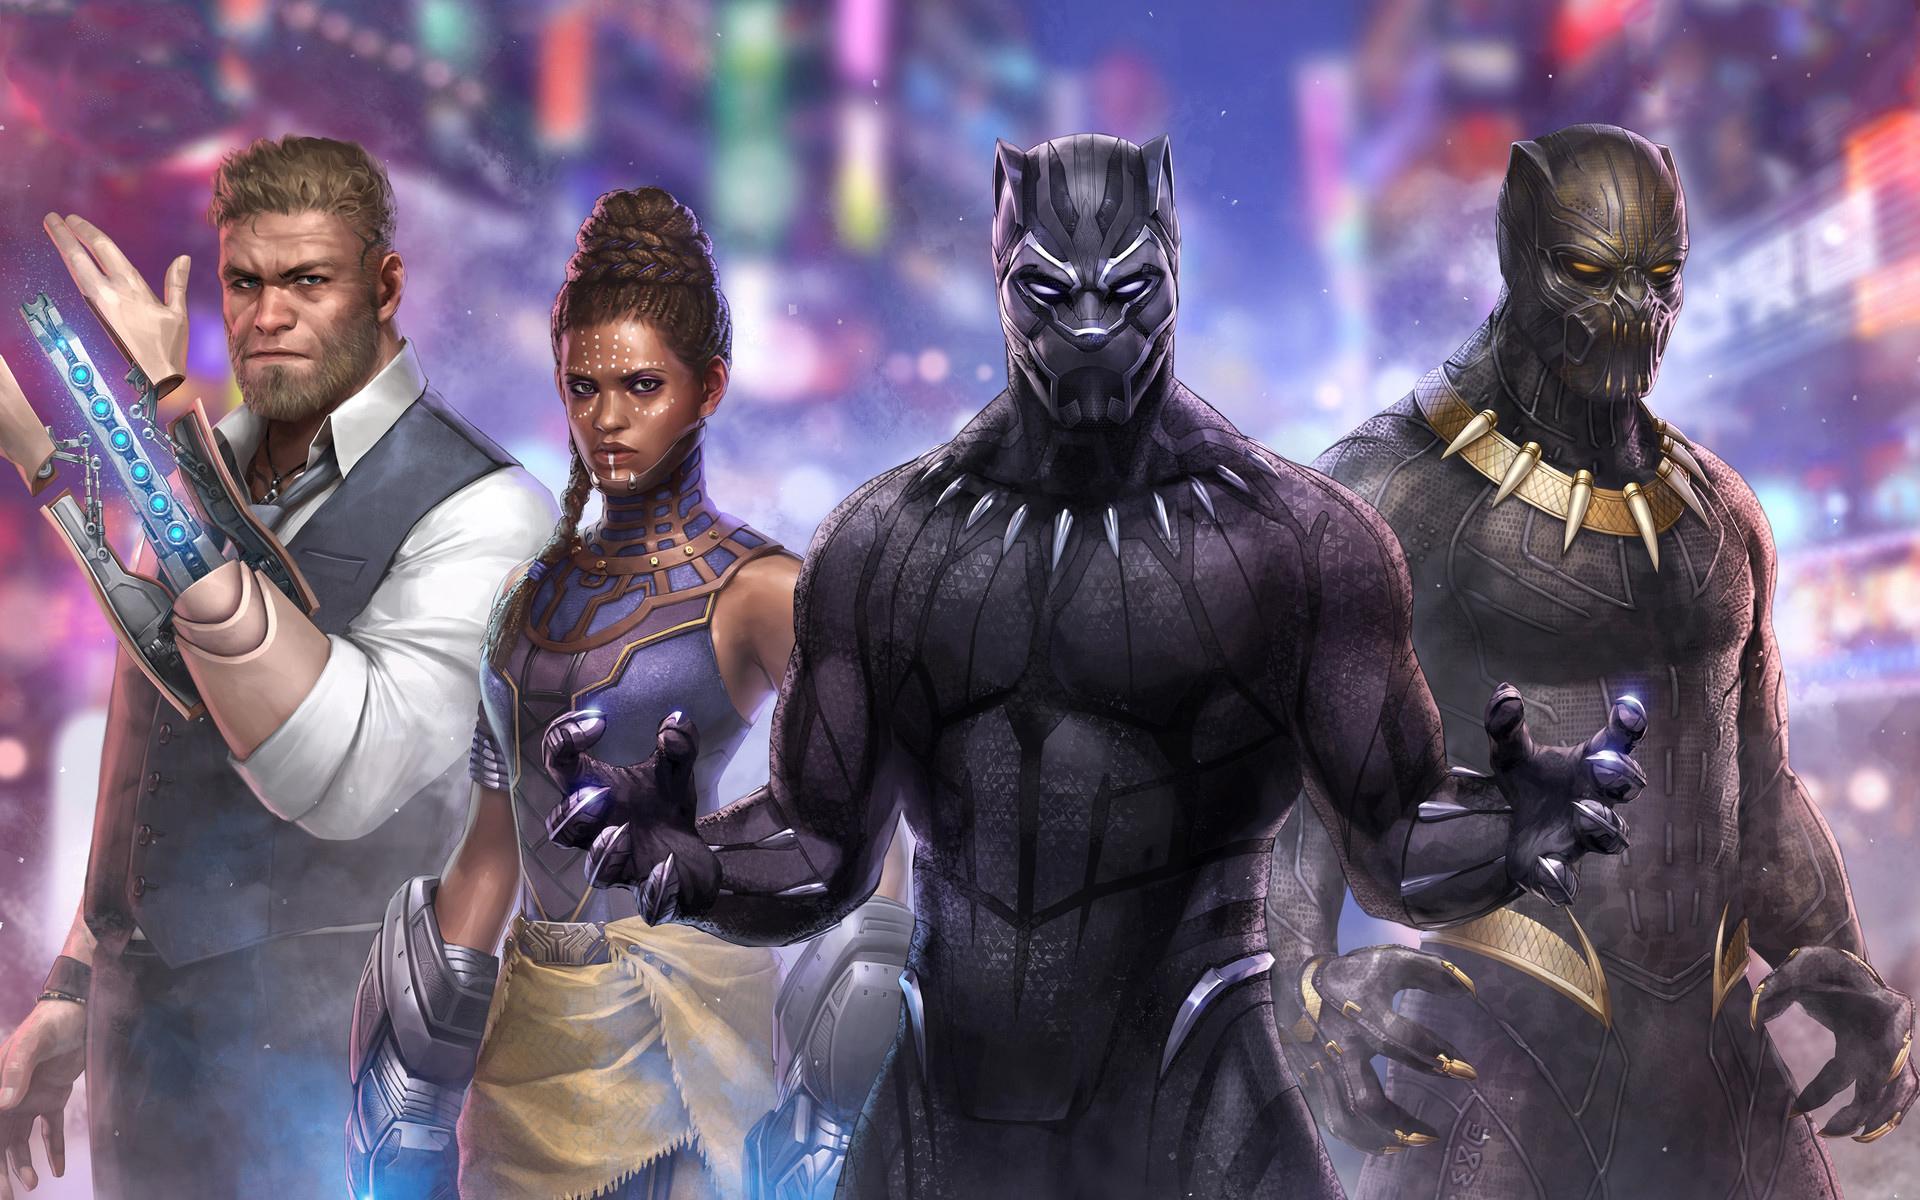 Black Panther: Artwork, Black Panther